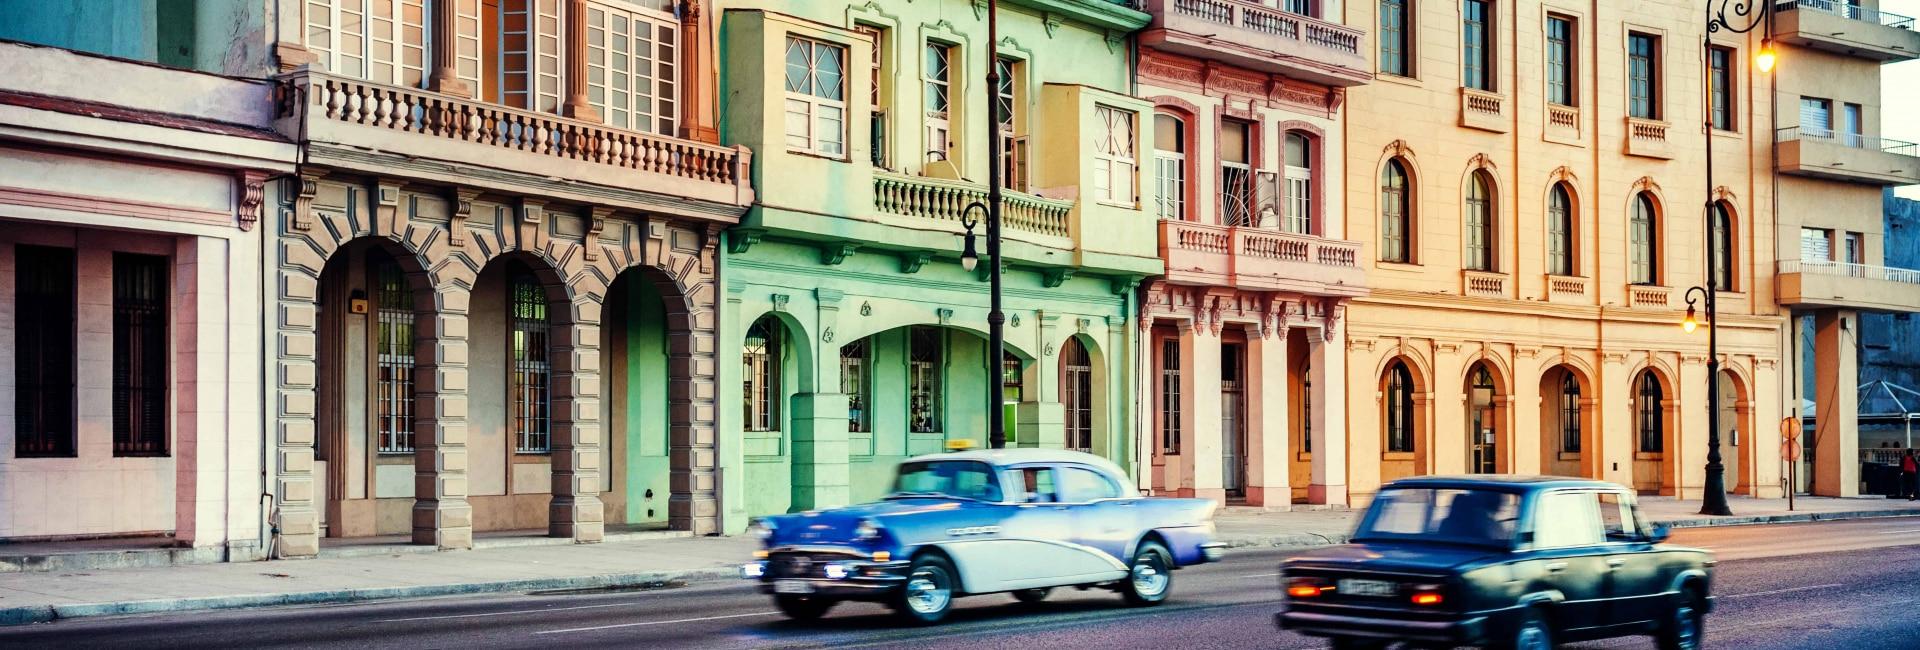 Bybillede af Havana i Cuba